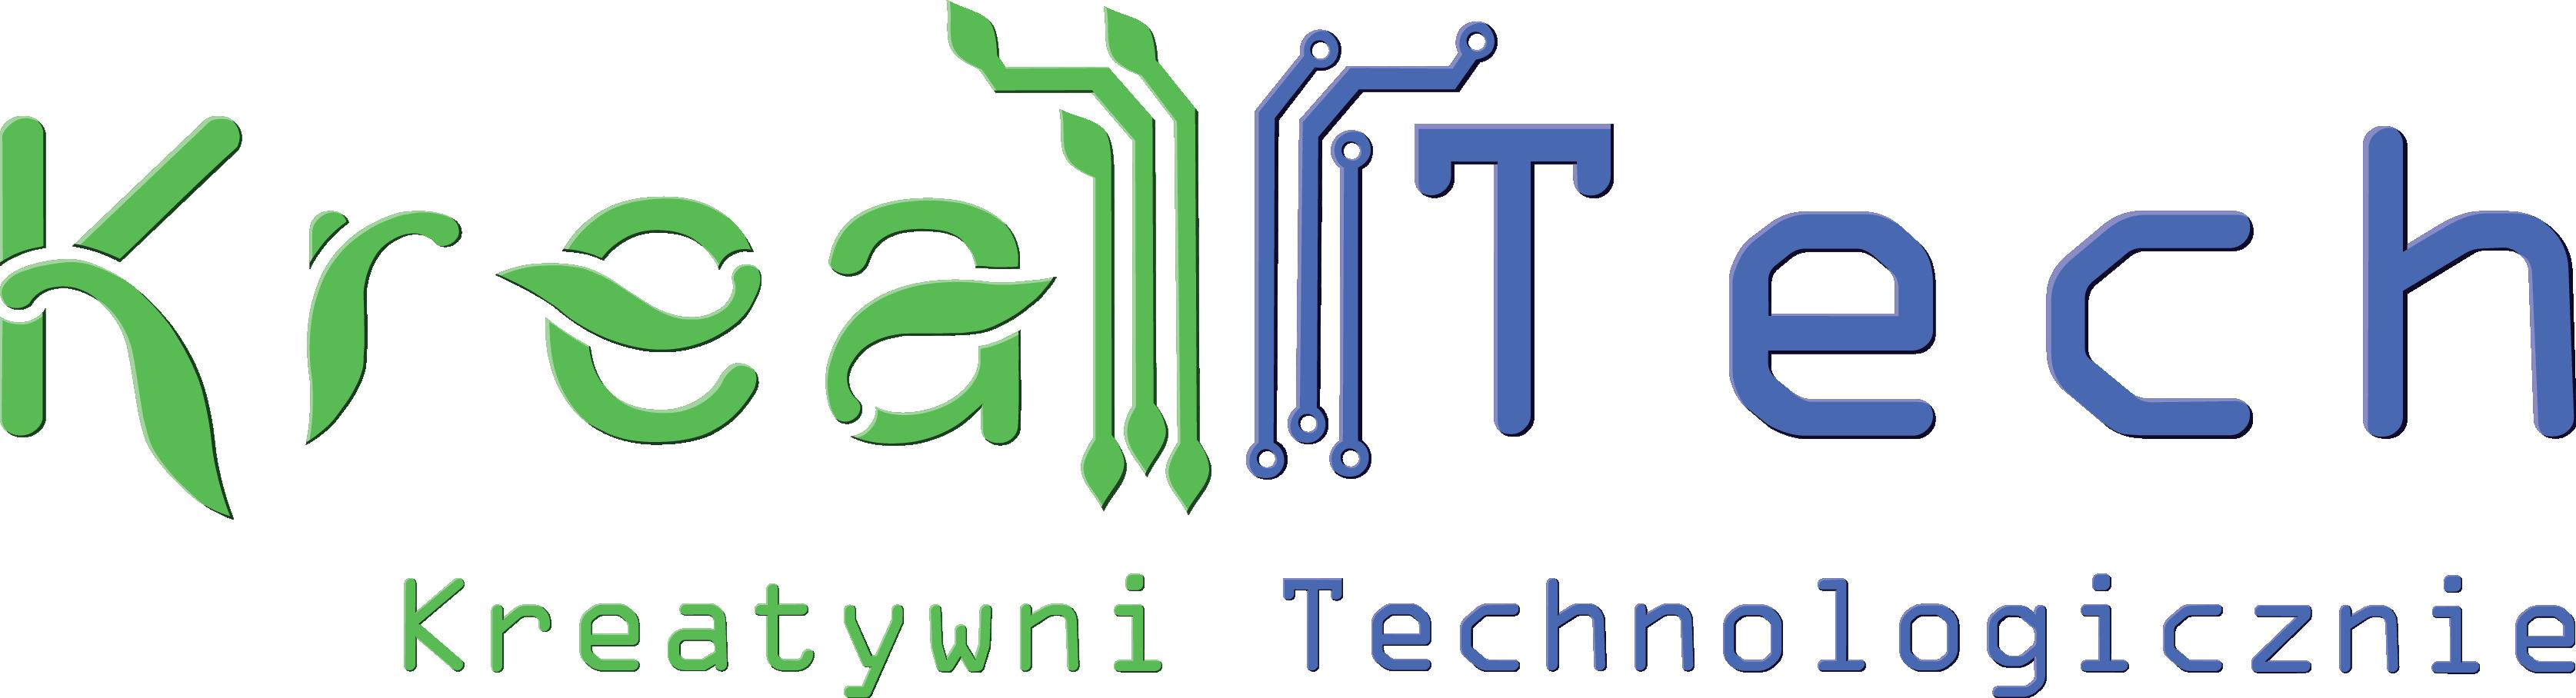 kreatech-logo-nowe